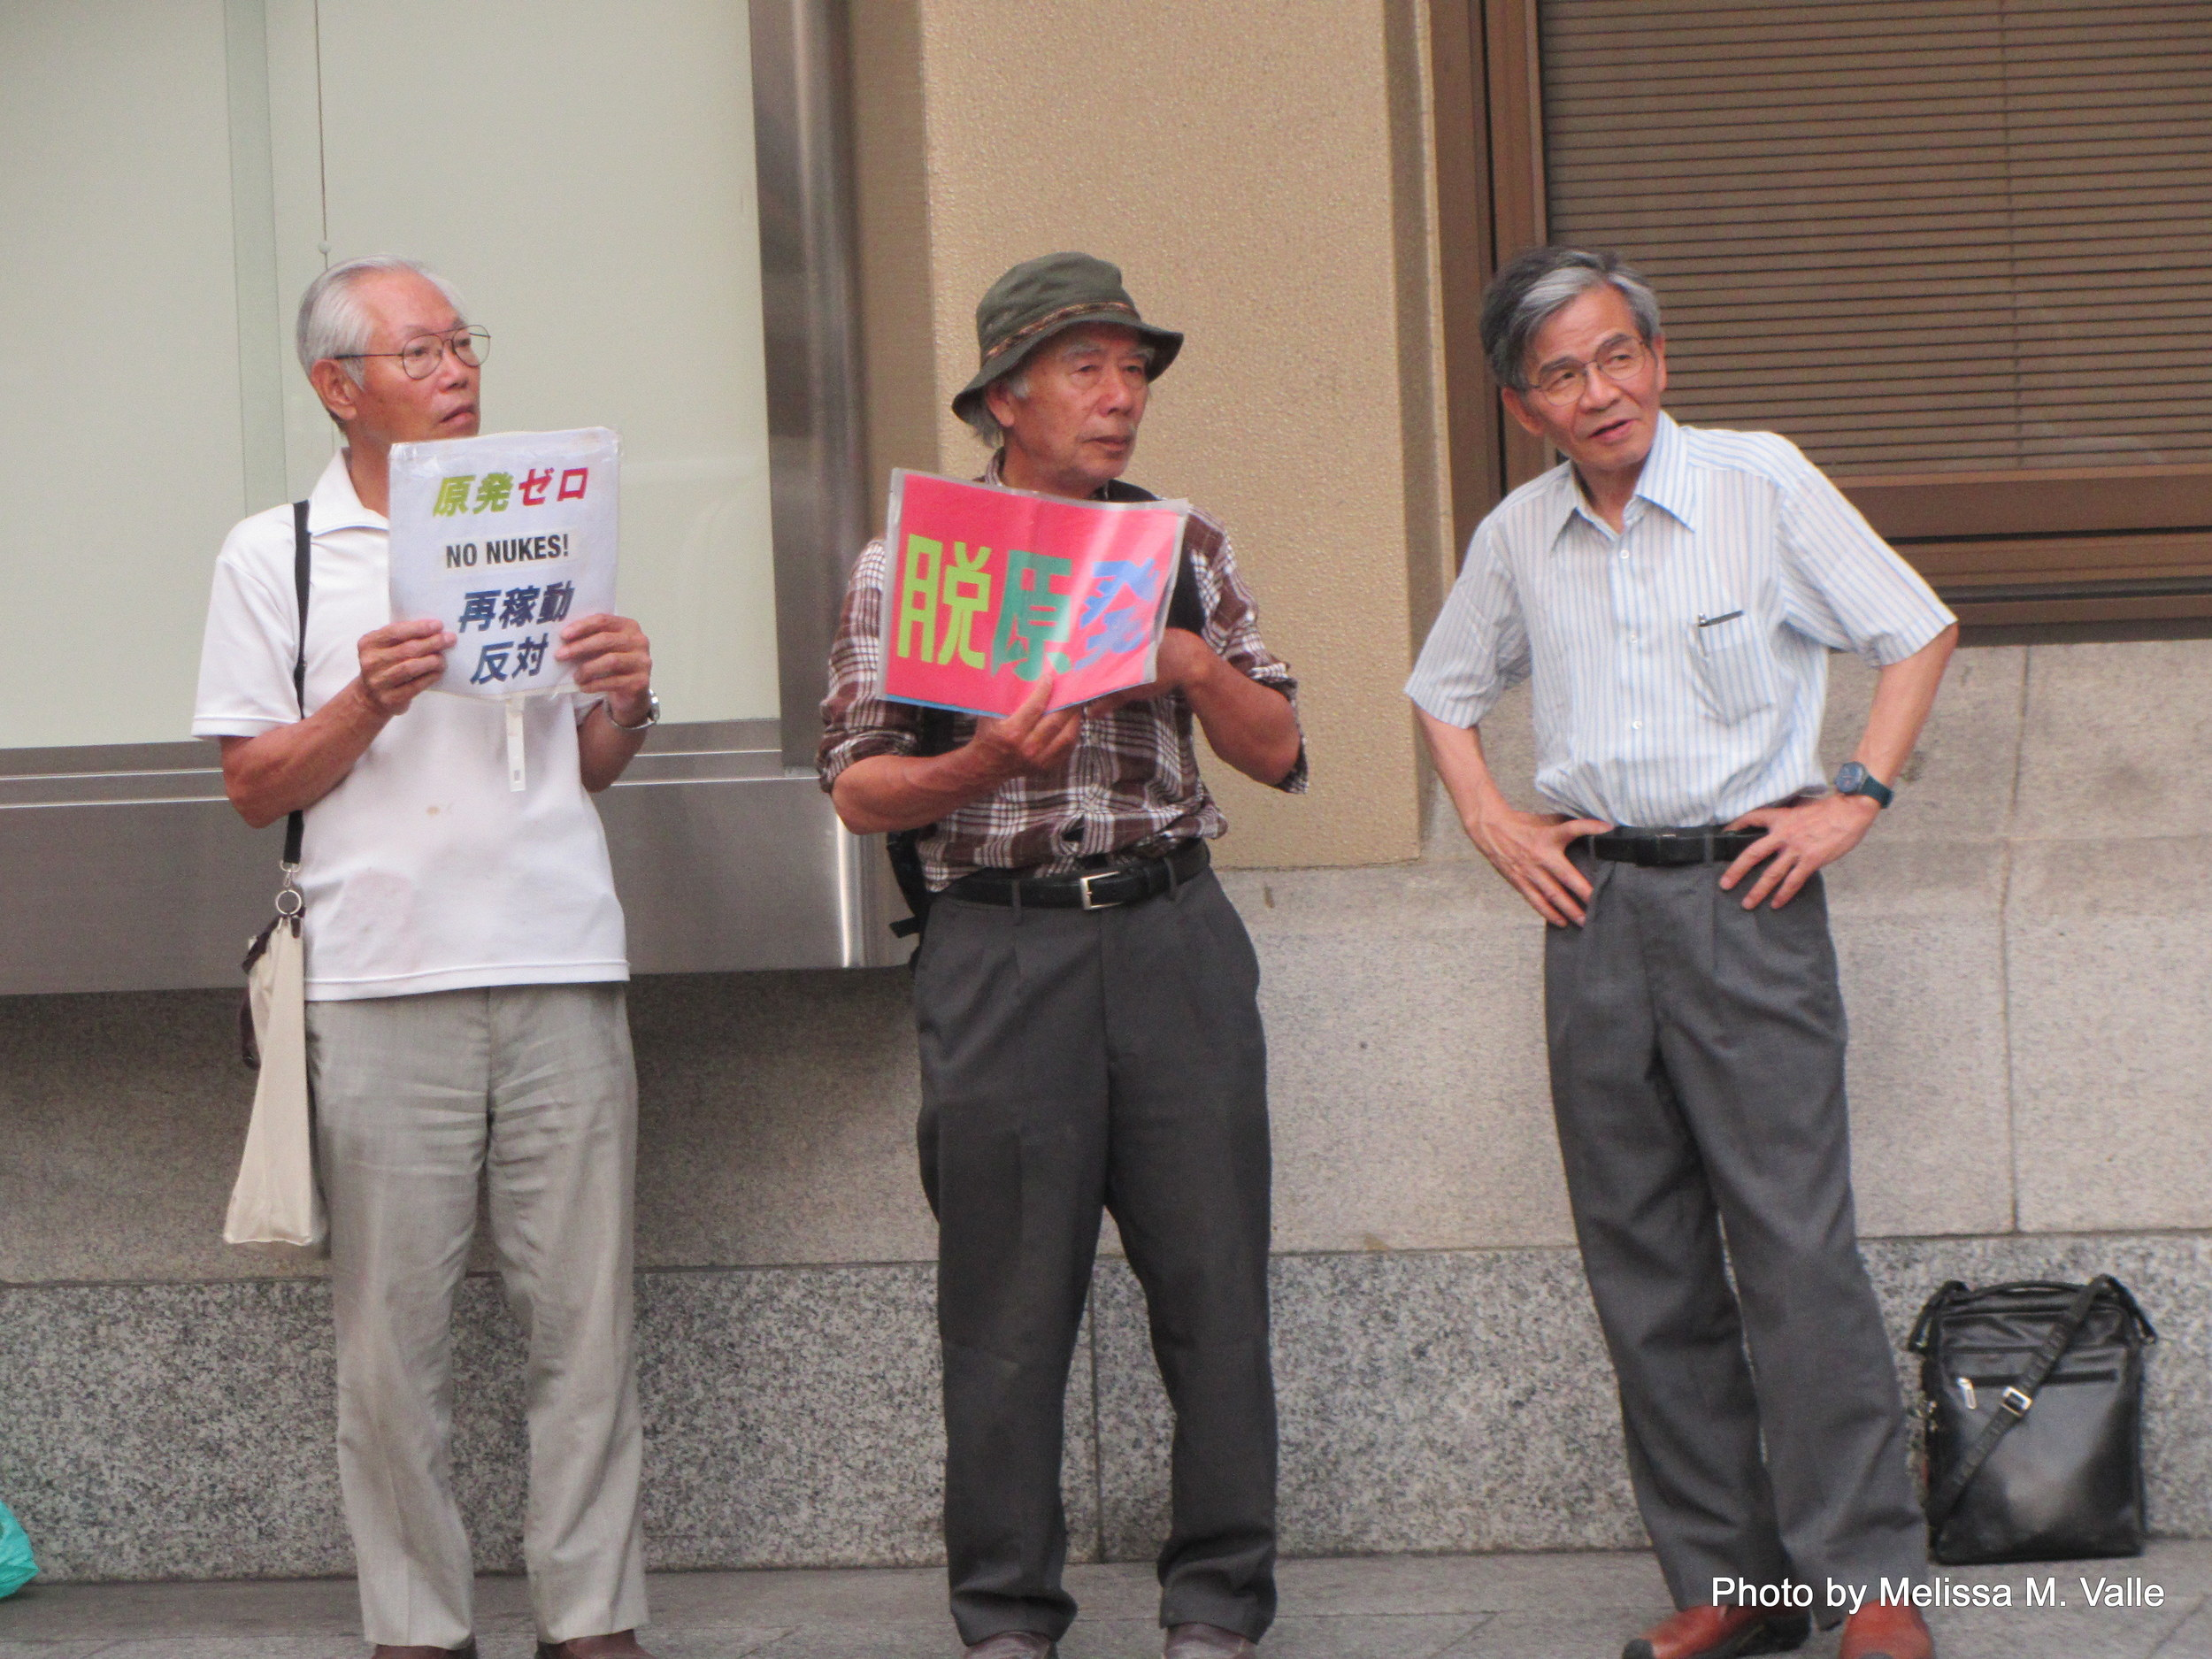 7.18.14 Kyoto, Japan-Anti-nukes protesters (1).JPG